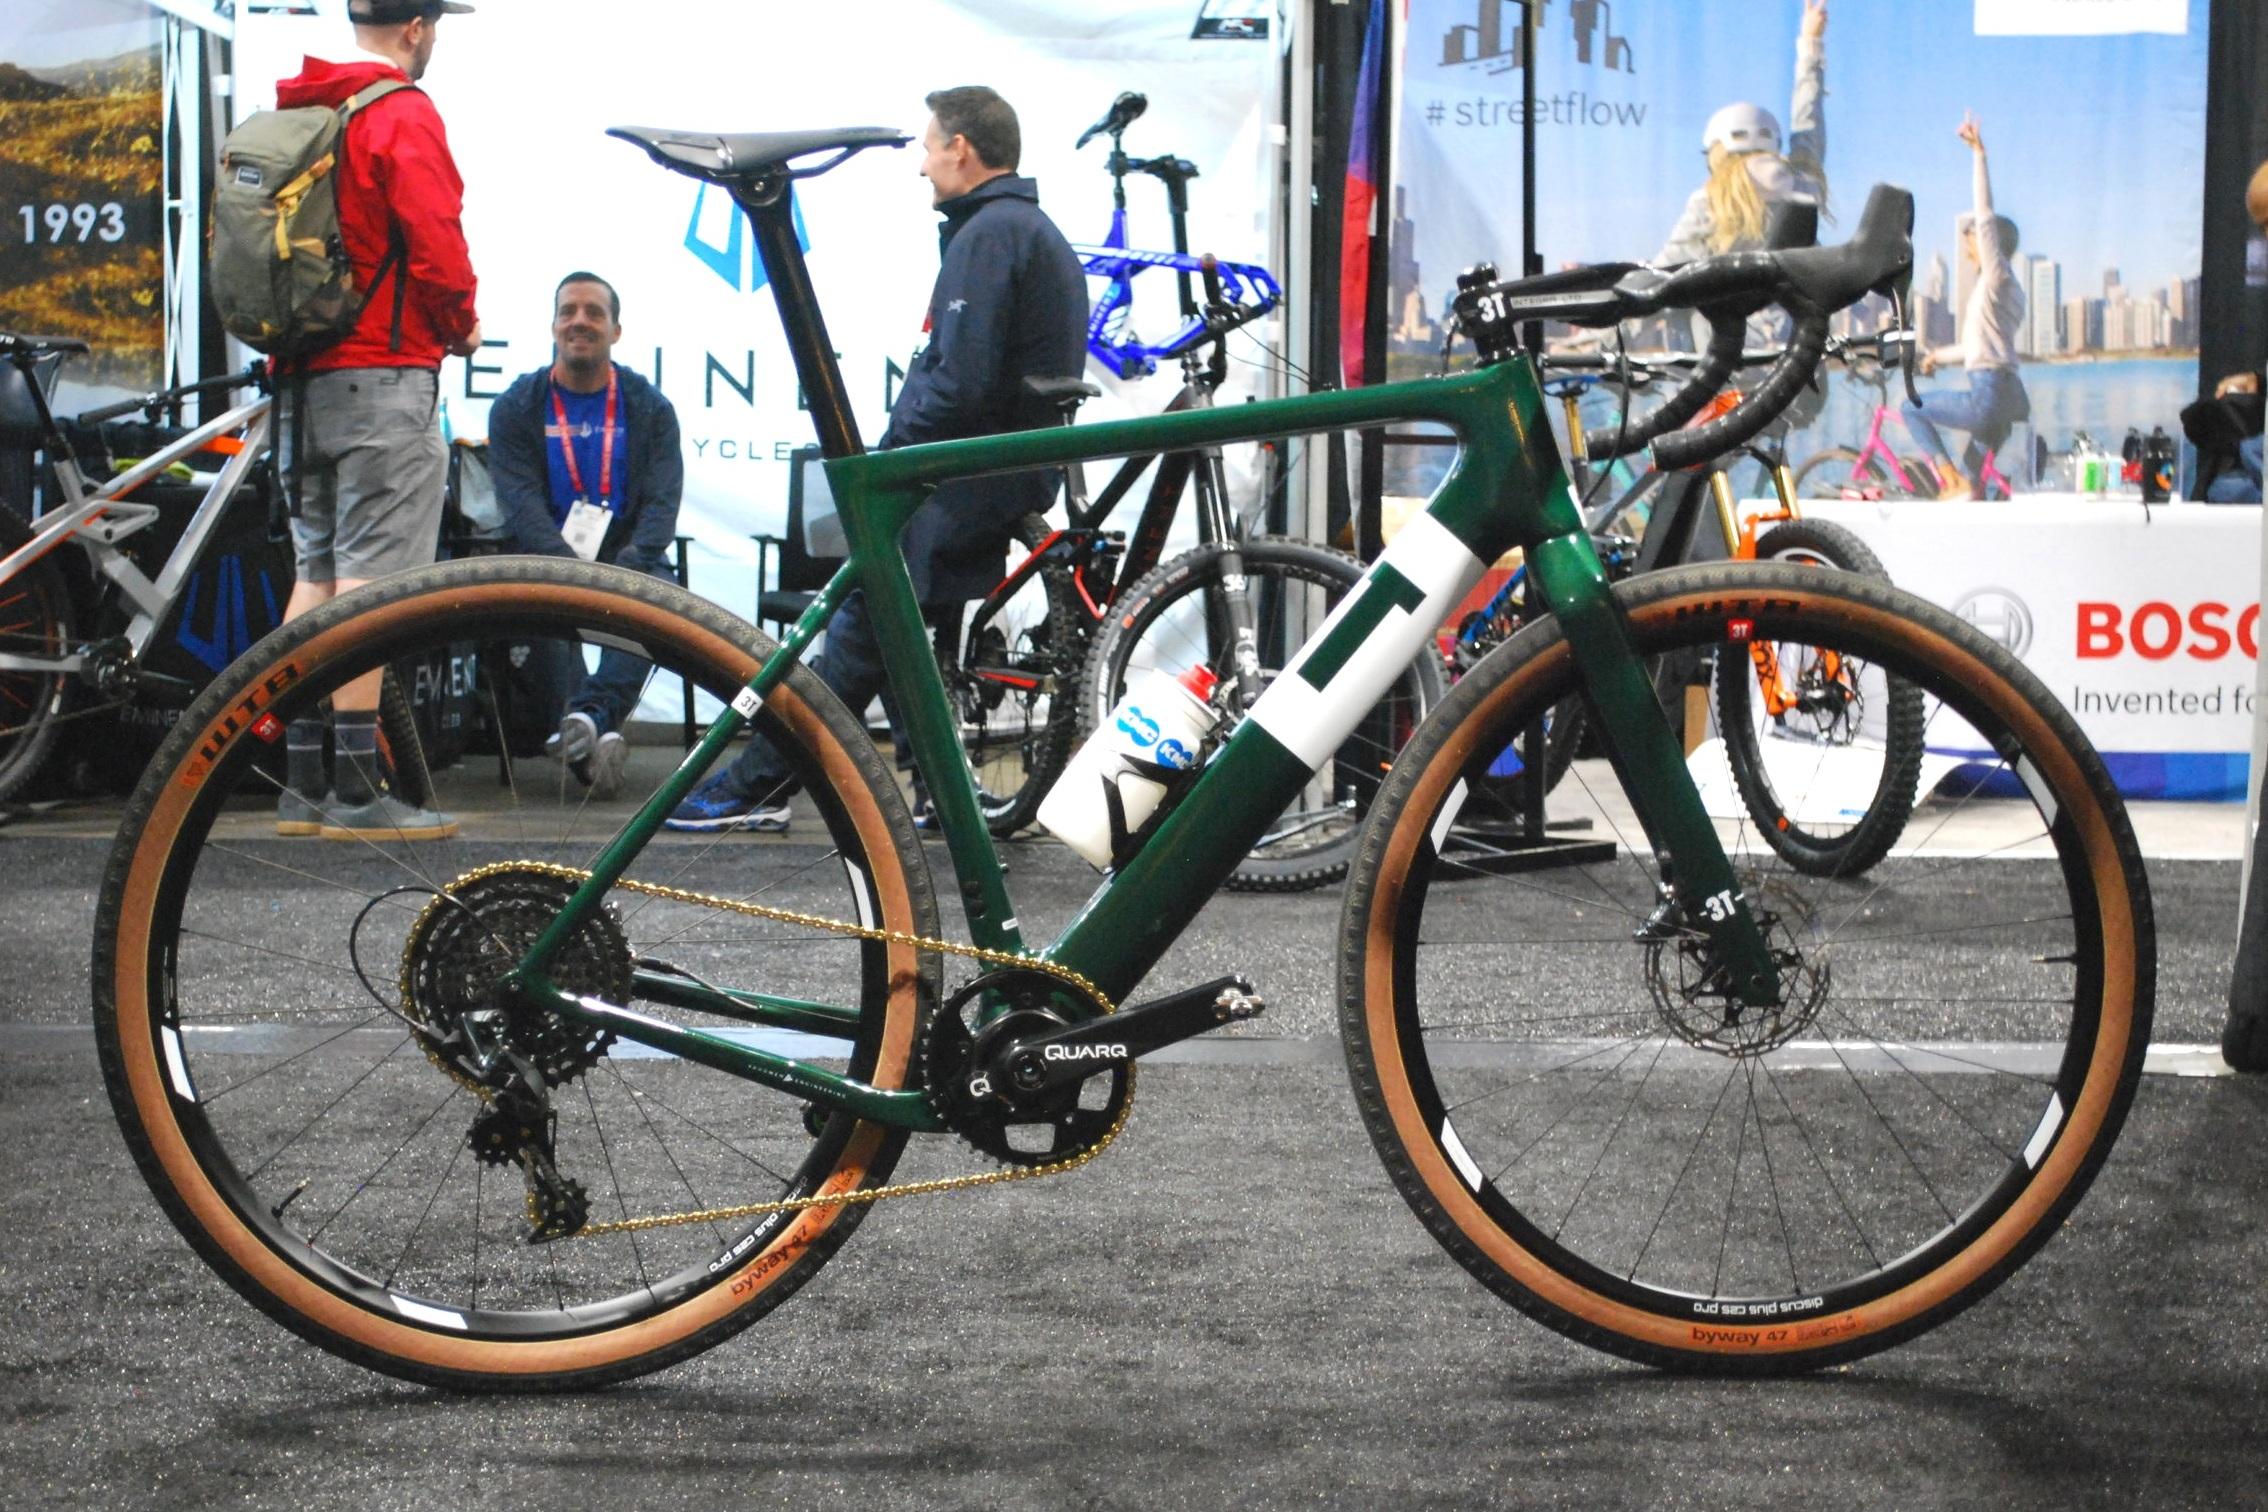 Bikes_CABDA_17JAN_3T%2BKMC.jpg